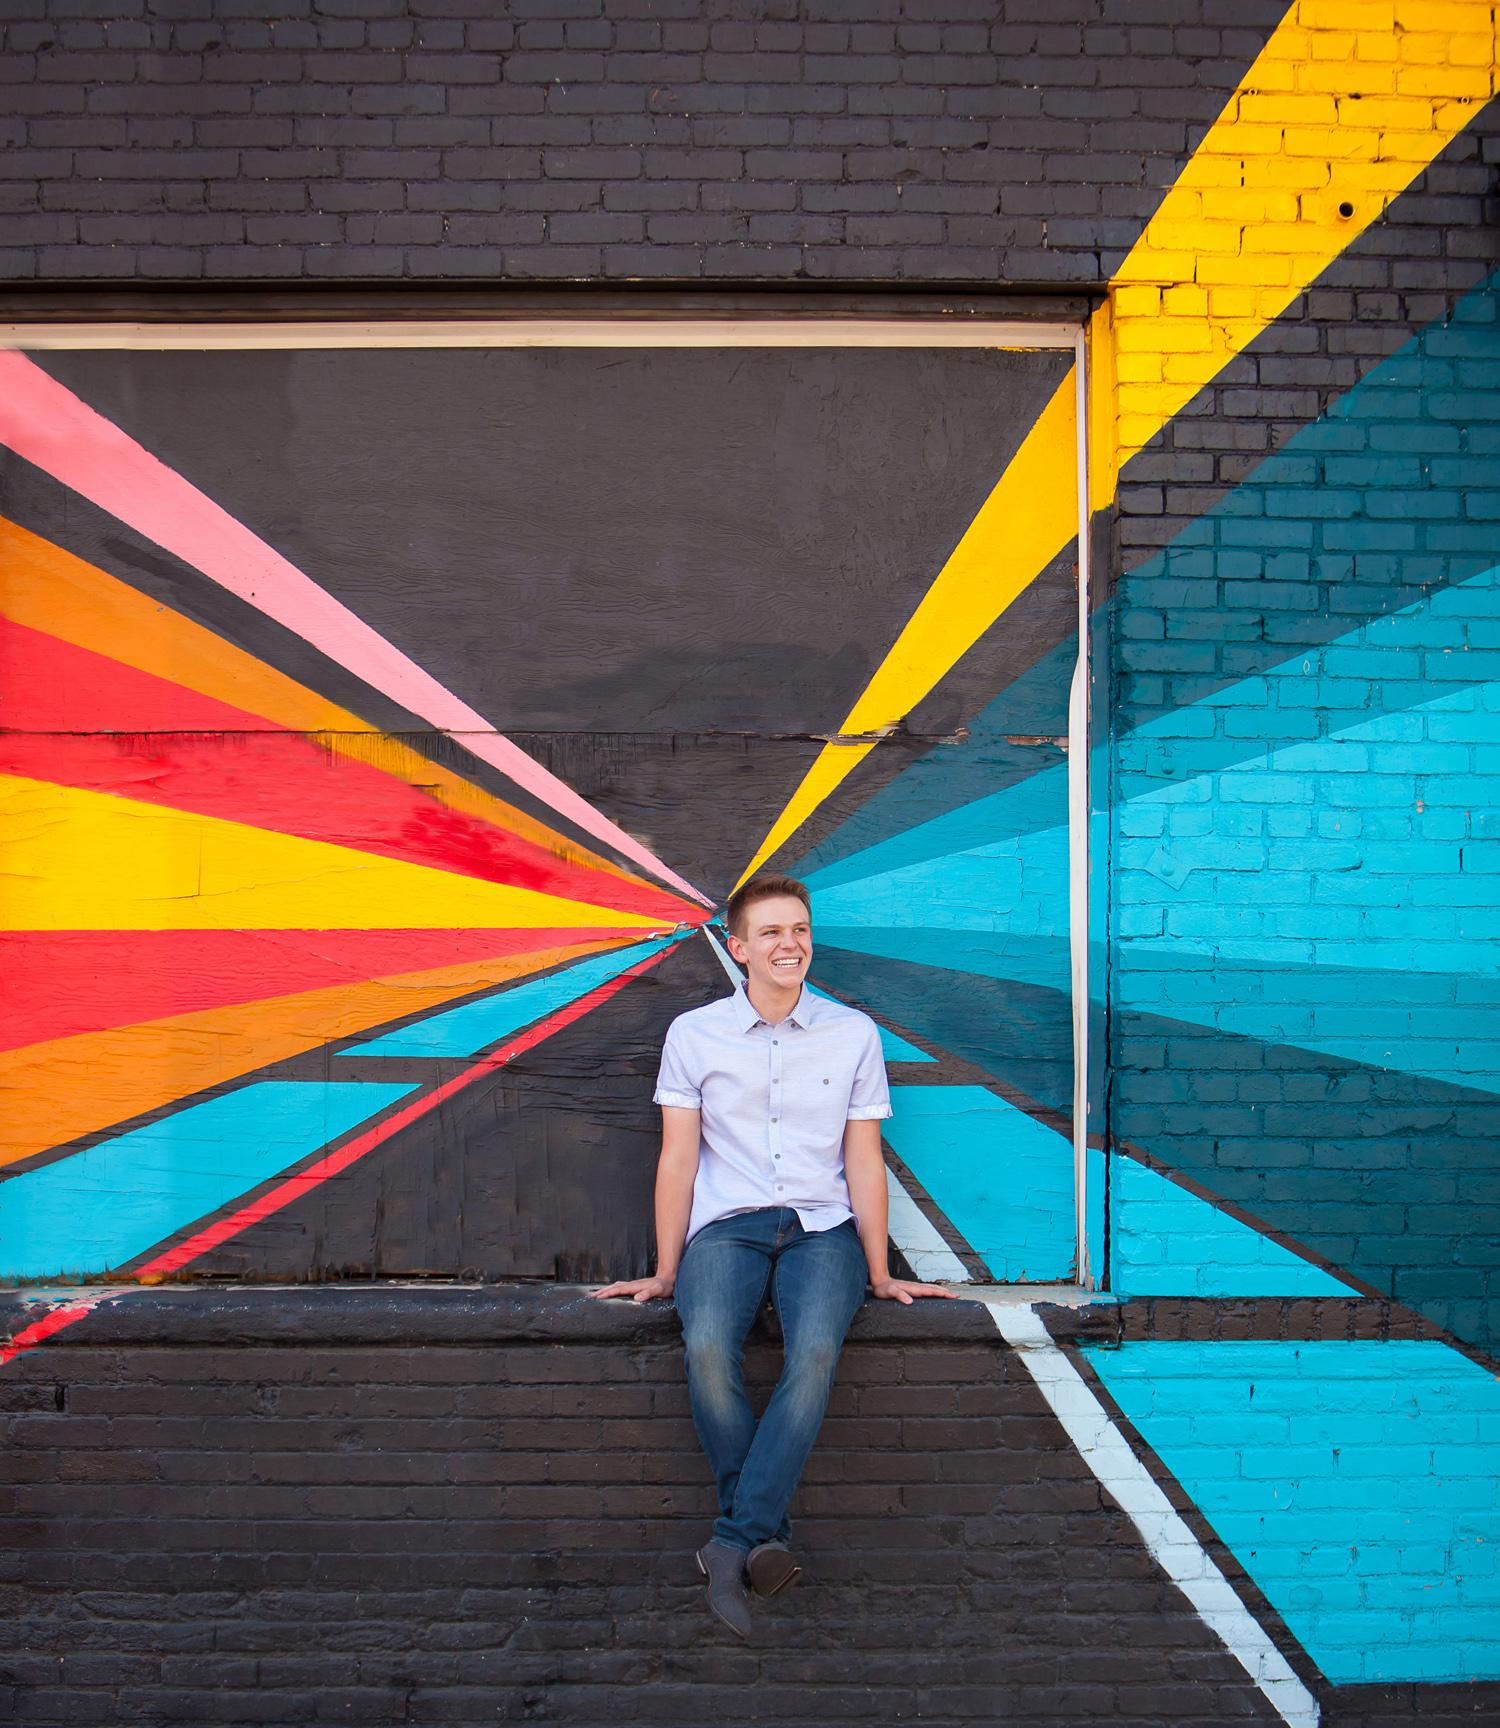 RiNo guy Senior Pictures with graffiti, photographer Jennifer Koskinen of Merritt Portrait Studio